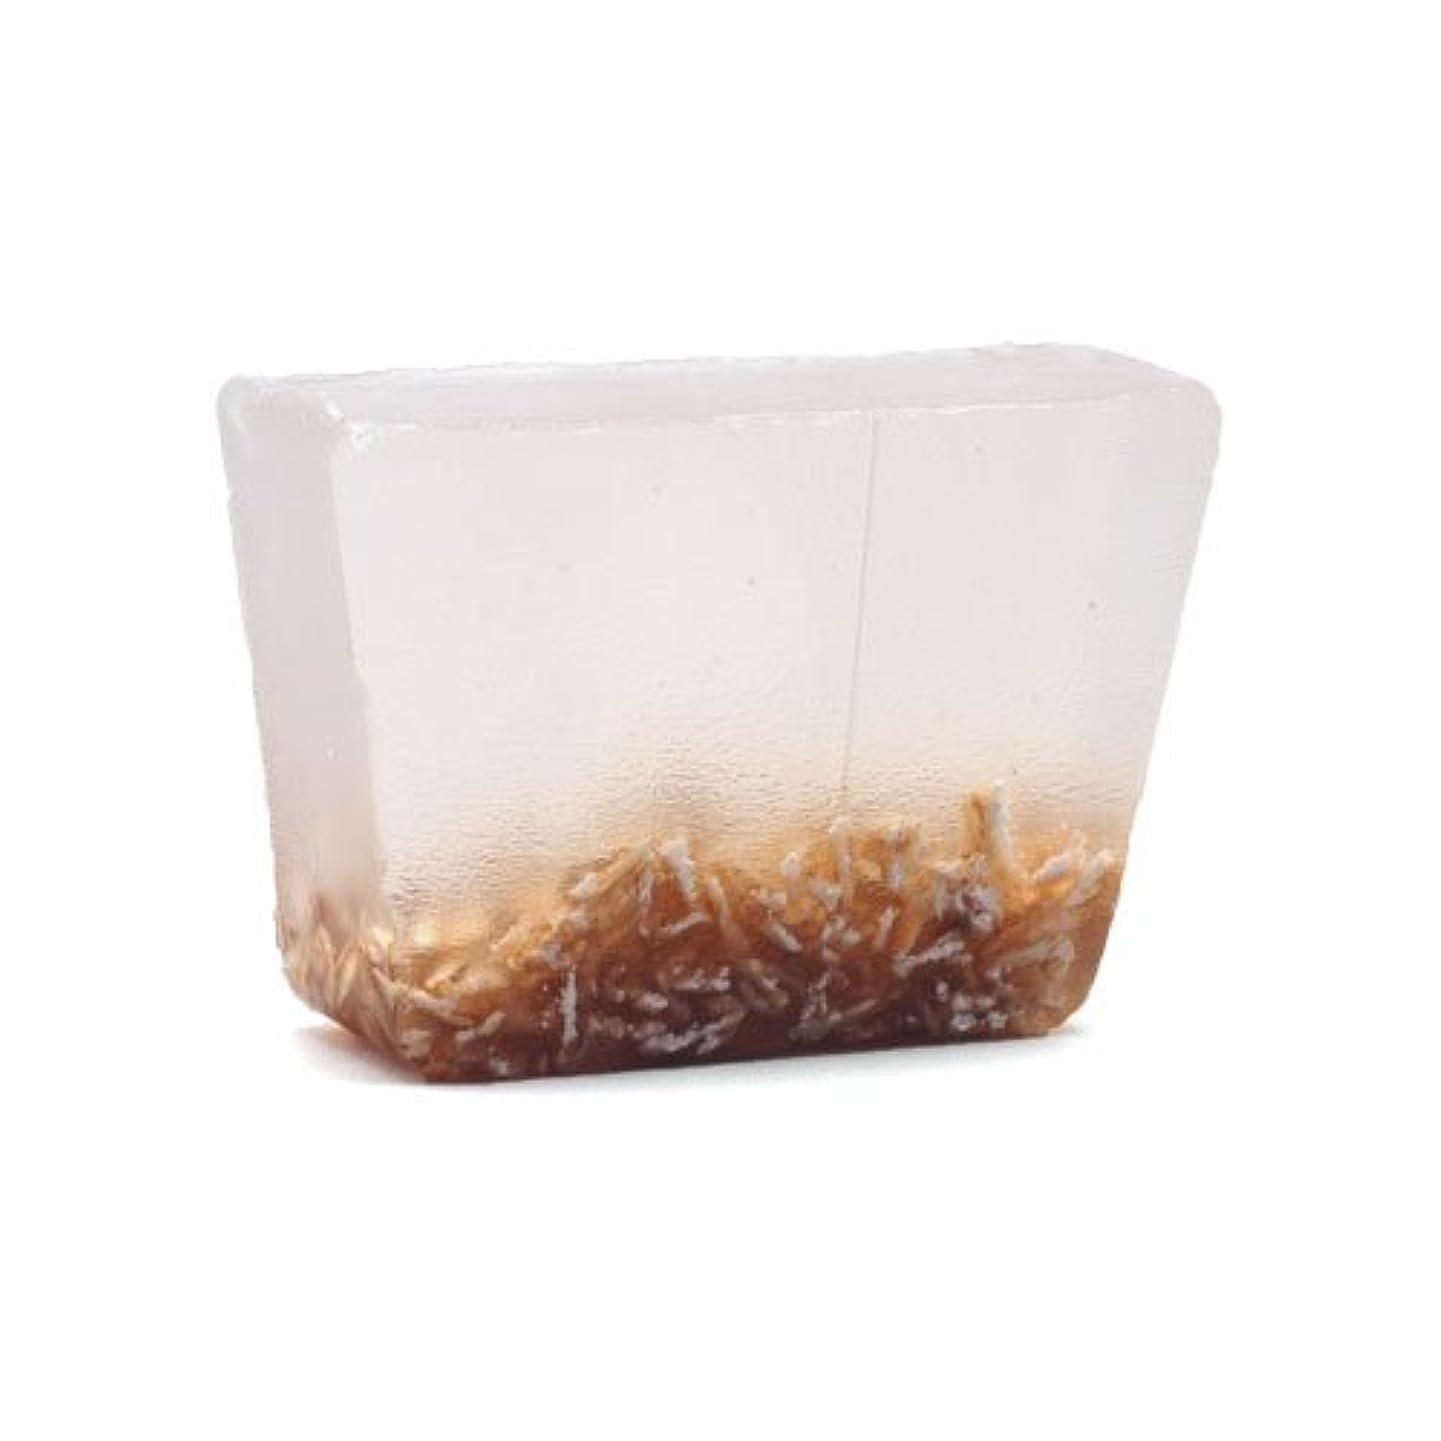 茎請う有益プライモールエレメンツ アロマティック ミニソープ ラベンダーオートミール 80g 植物性 ナチュラル 石鹸 無添加